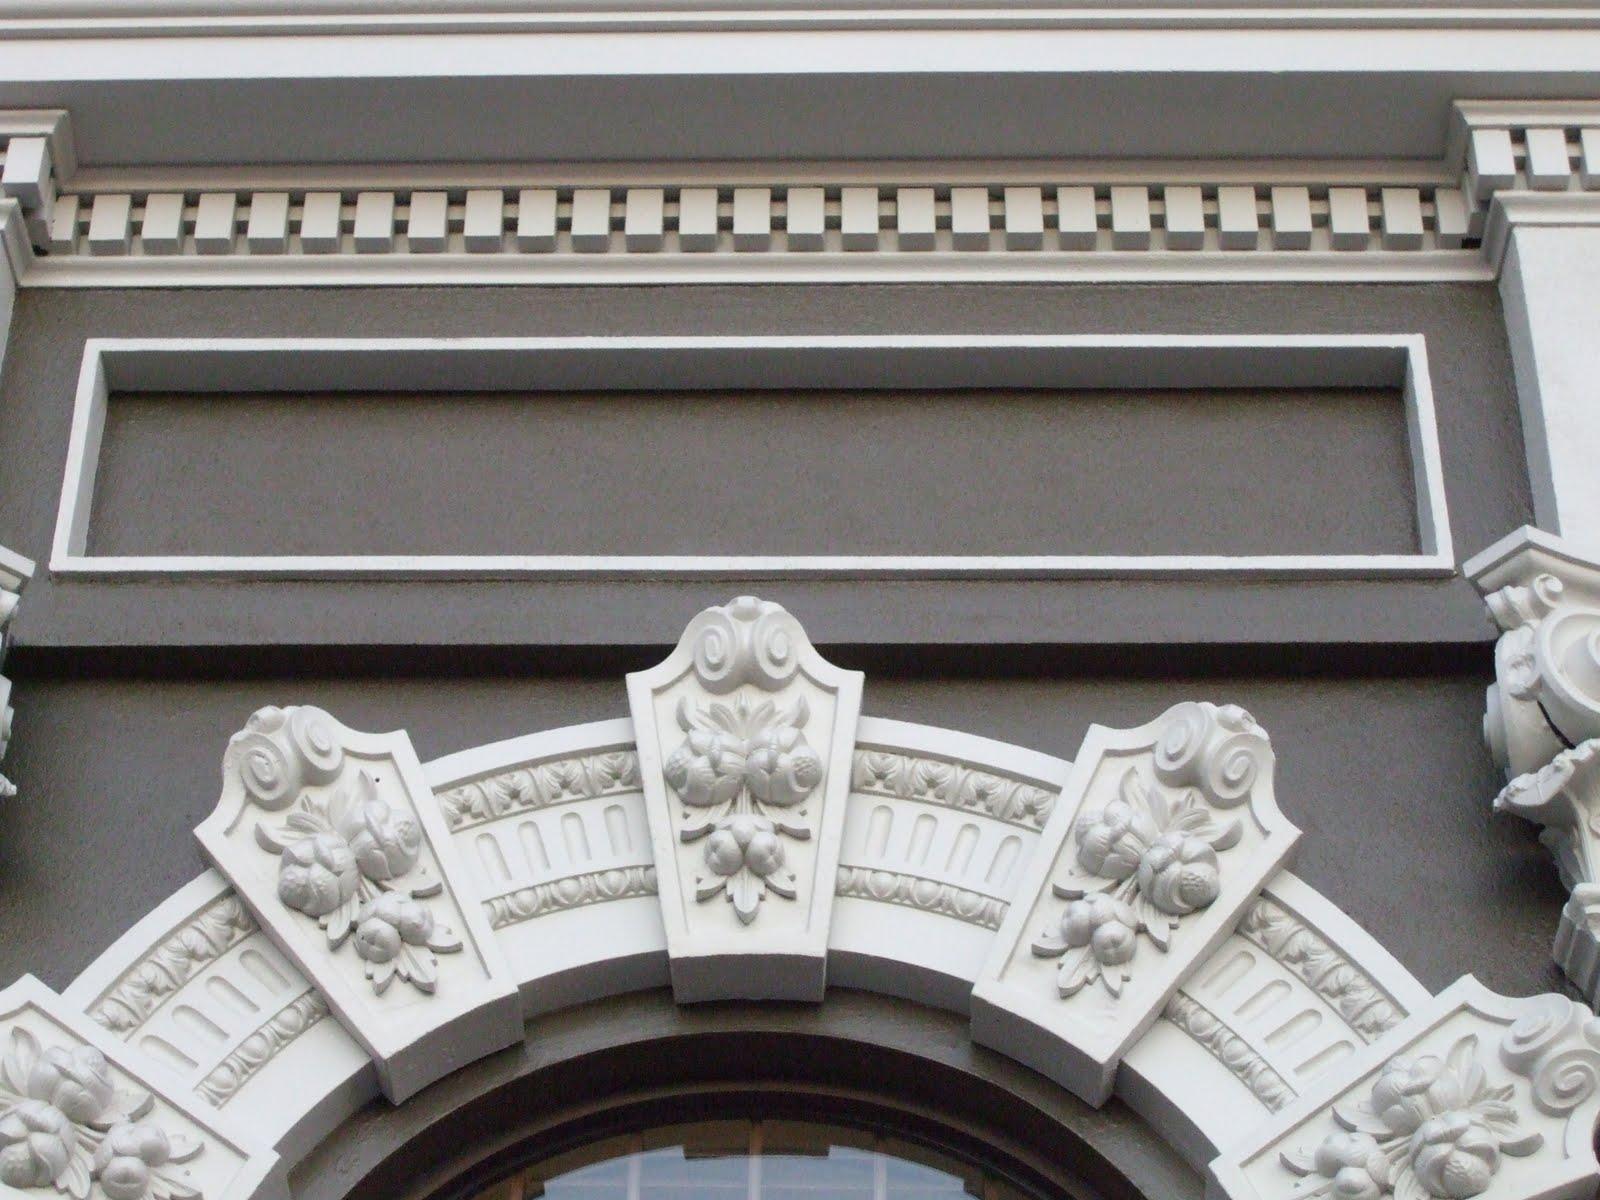 Architectural Dentil Trim : Fiberexplorations new challenge